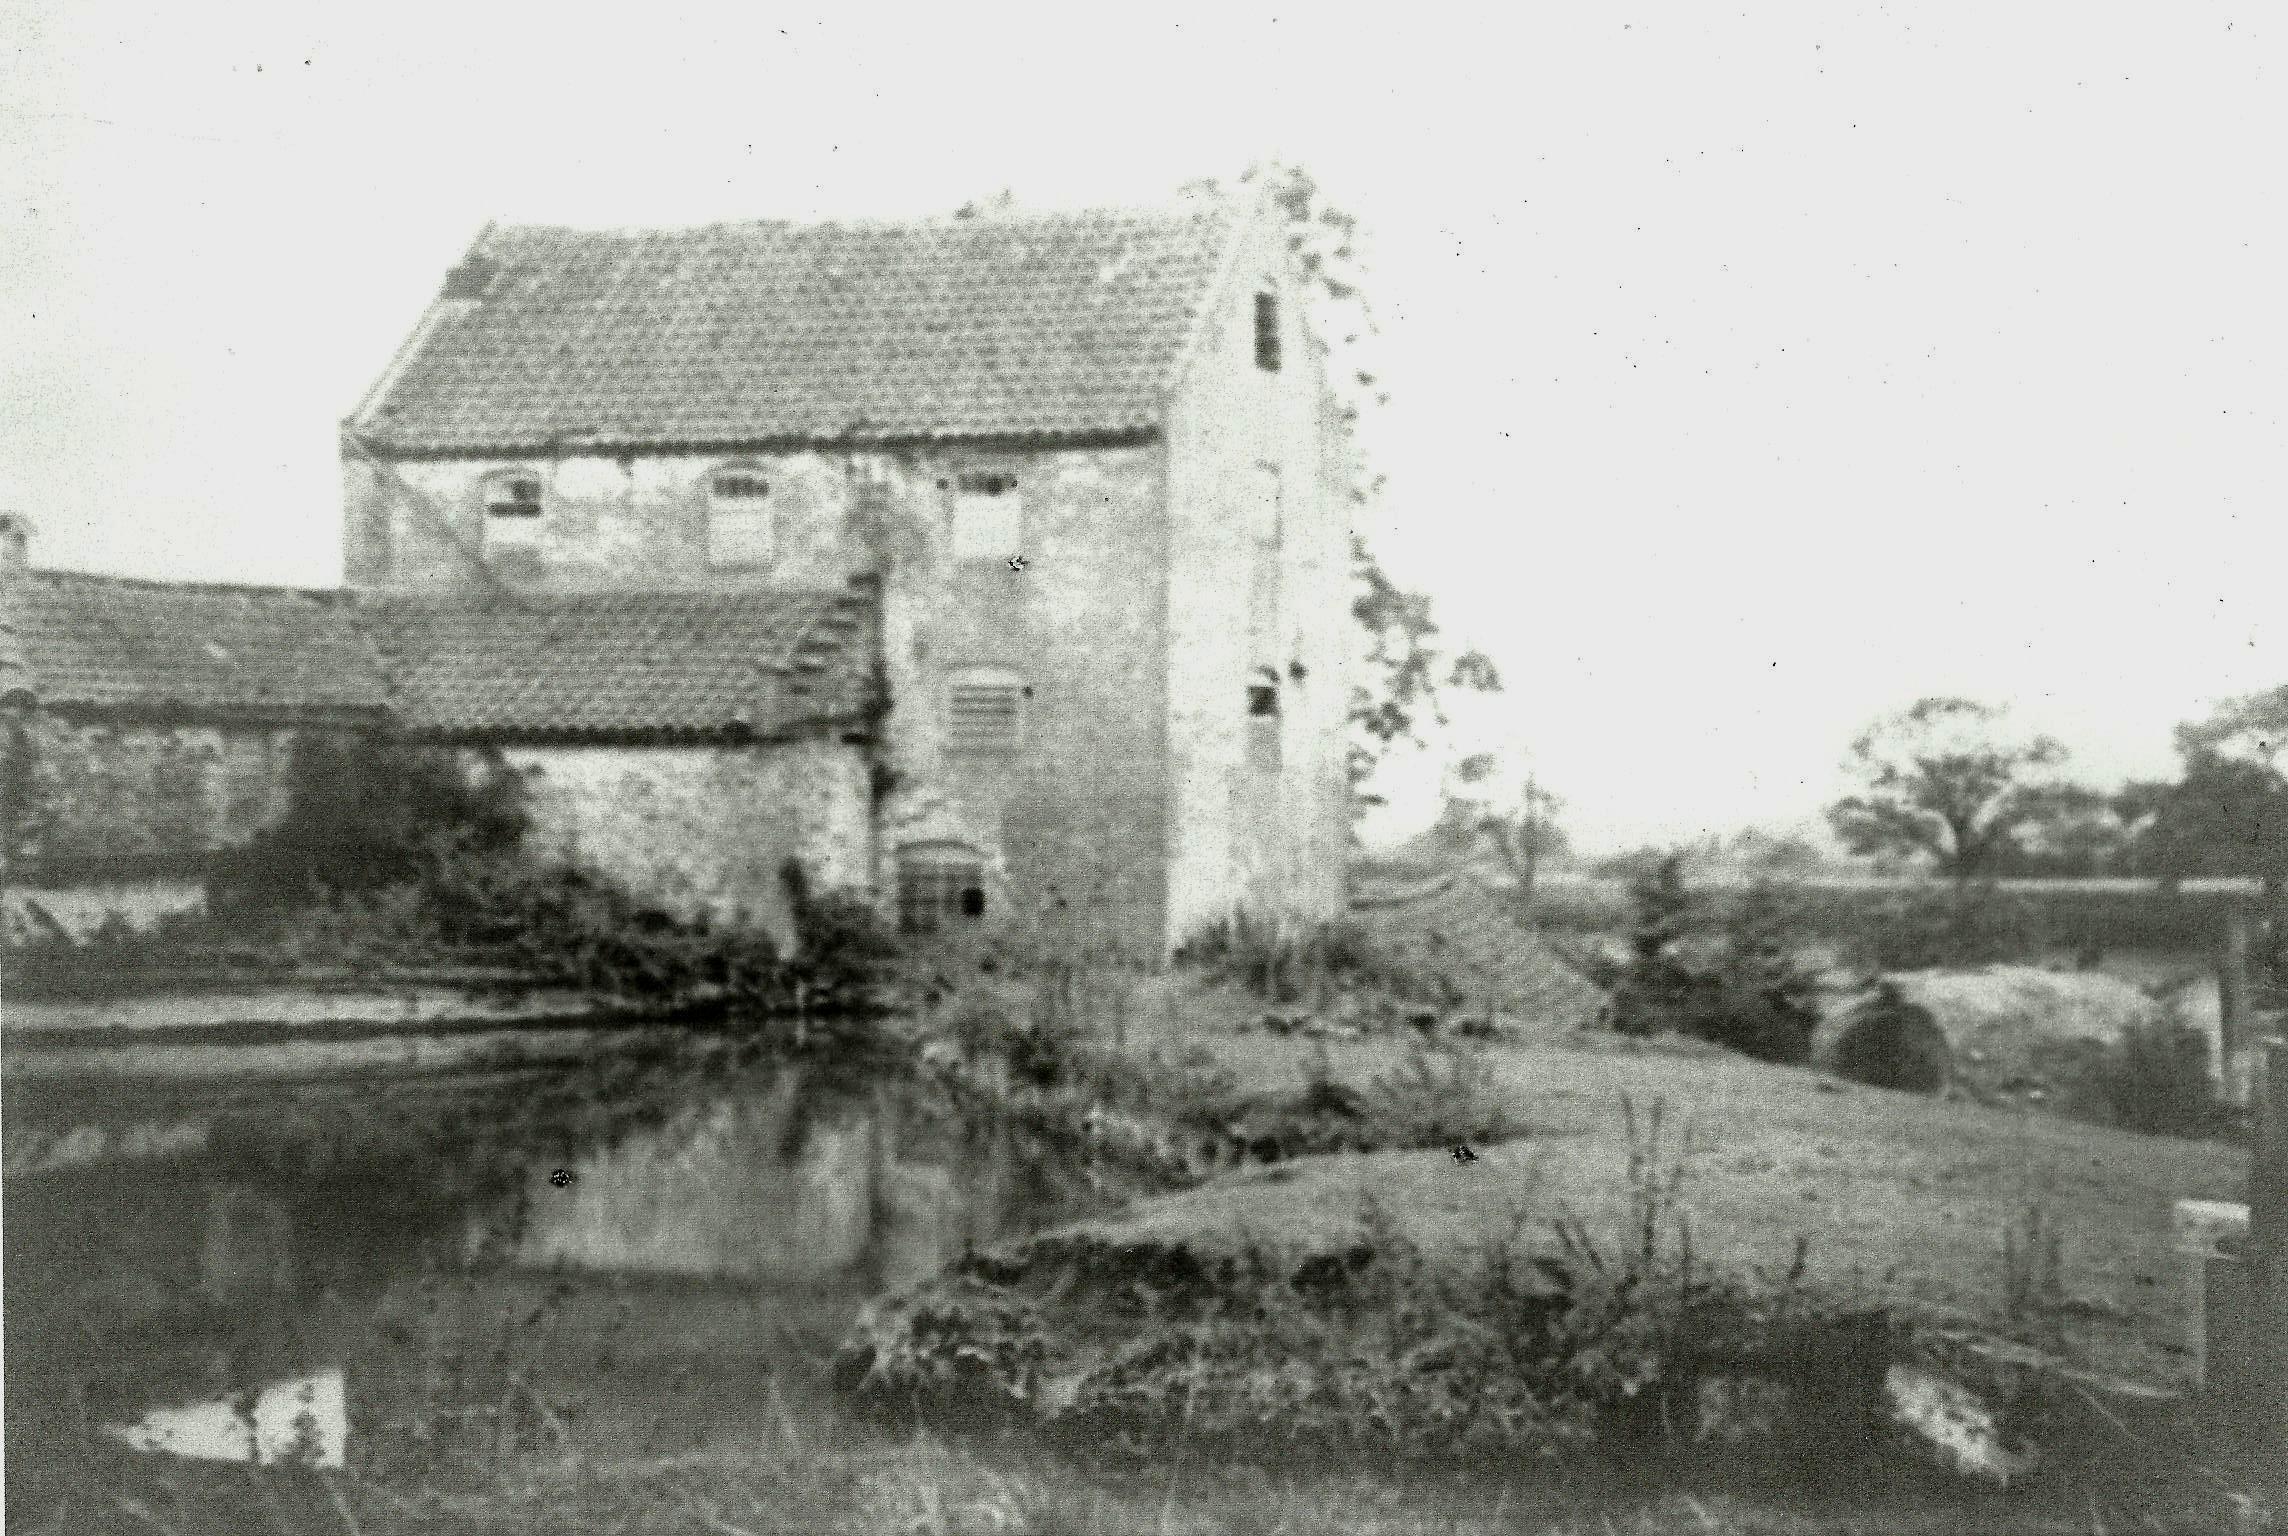 Caistor__Watermill__Lincs__1911[1].jpg